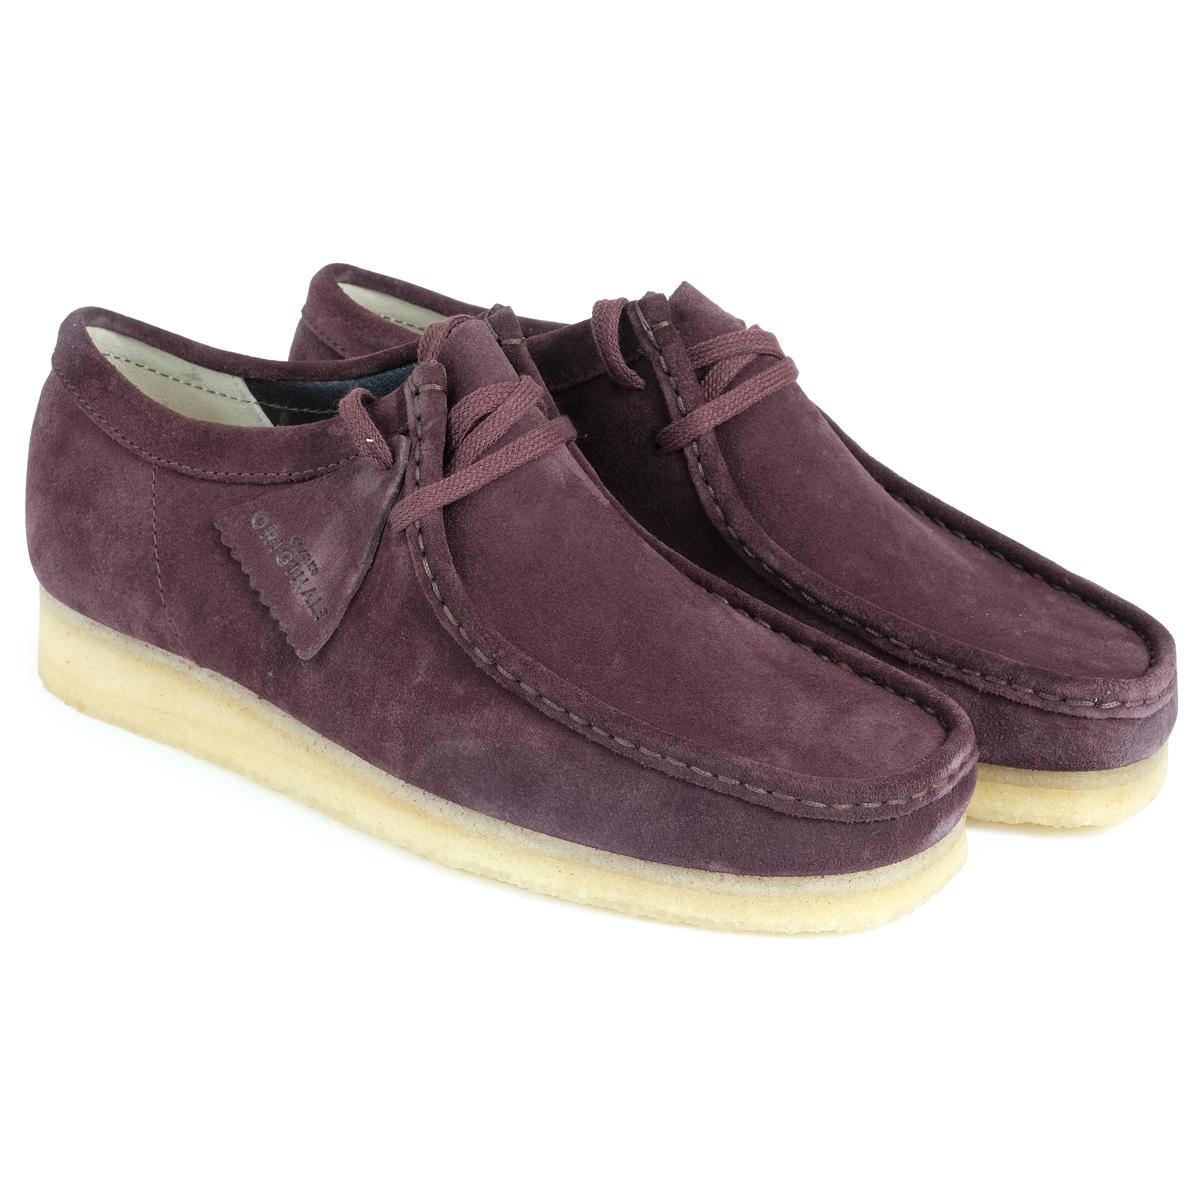 Clarks WALLABEE ワラビー ブーツ メンズ クラークス 26128510 靴 バーガンディー